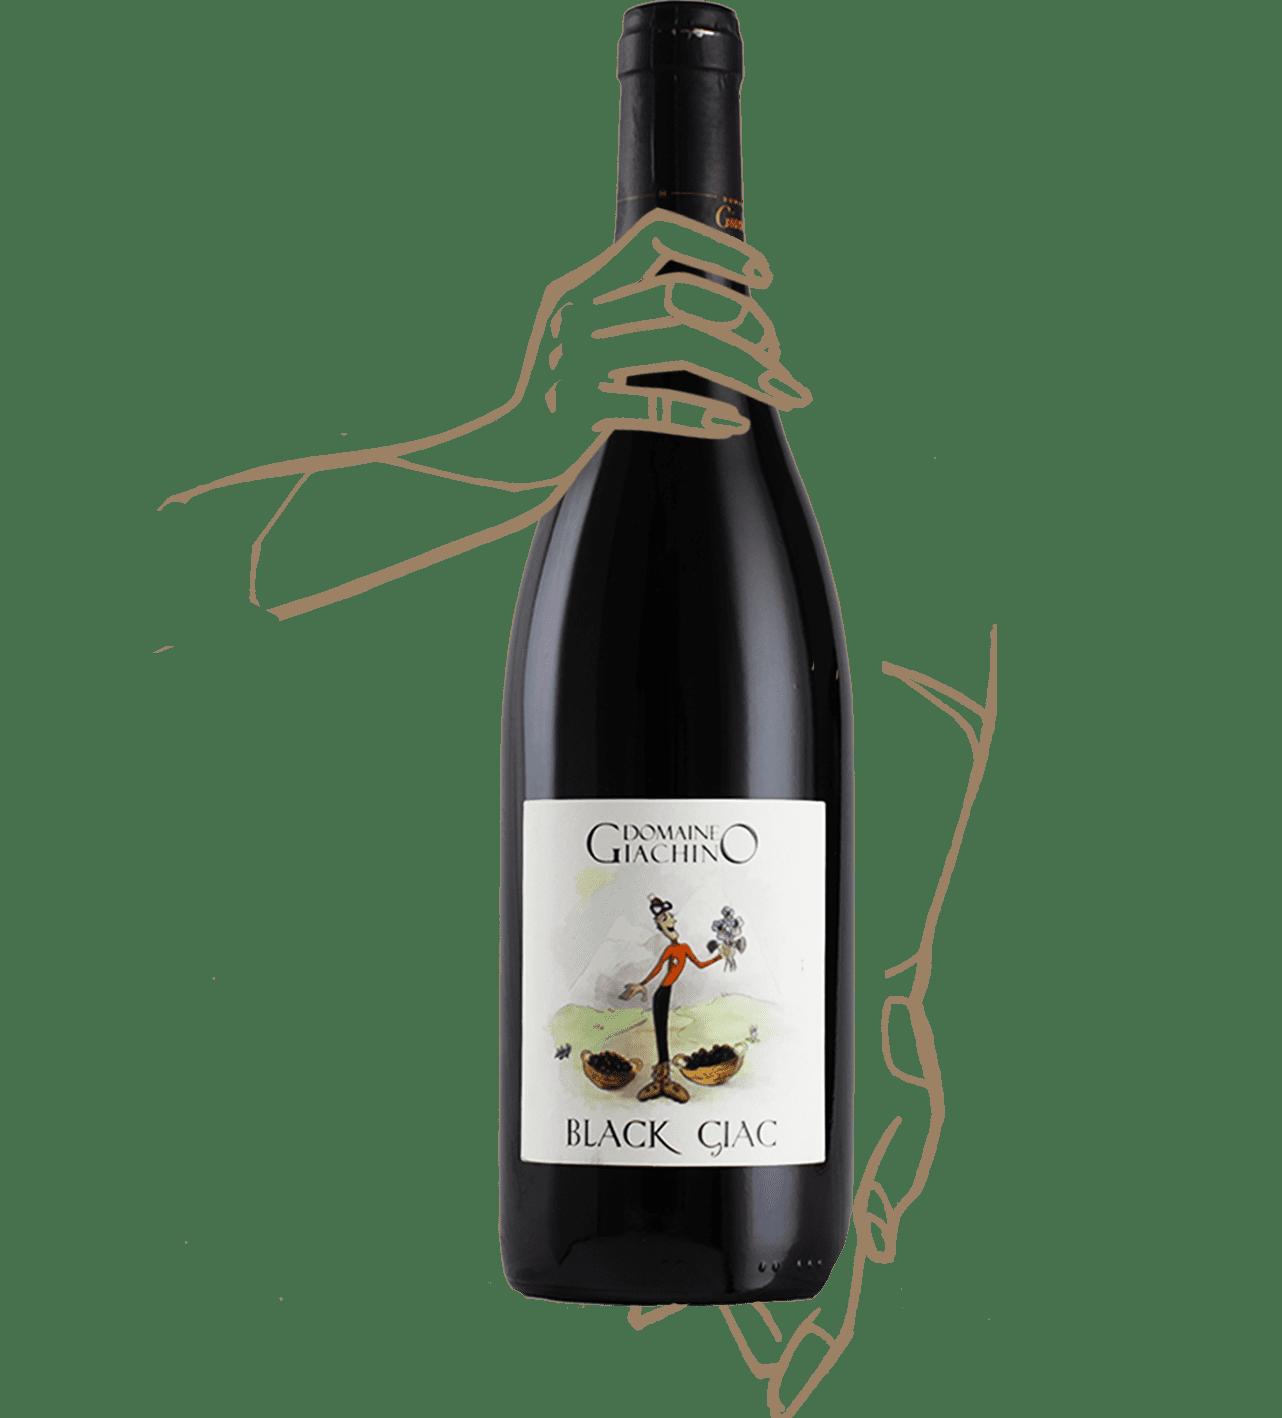 Black giac du domaine giachino est un vin naturel de savoie